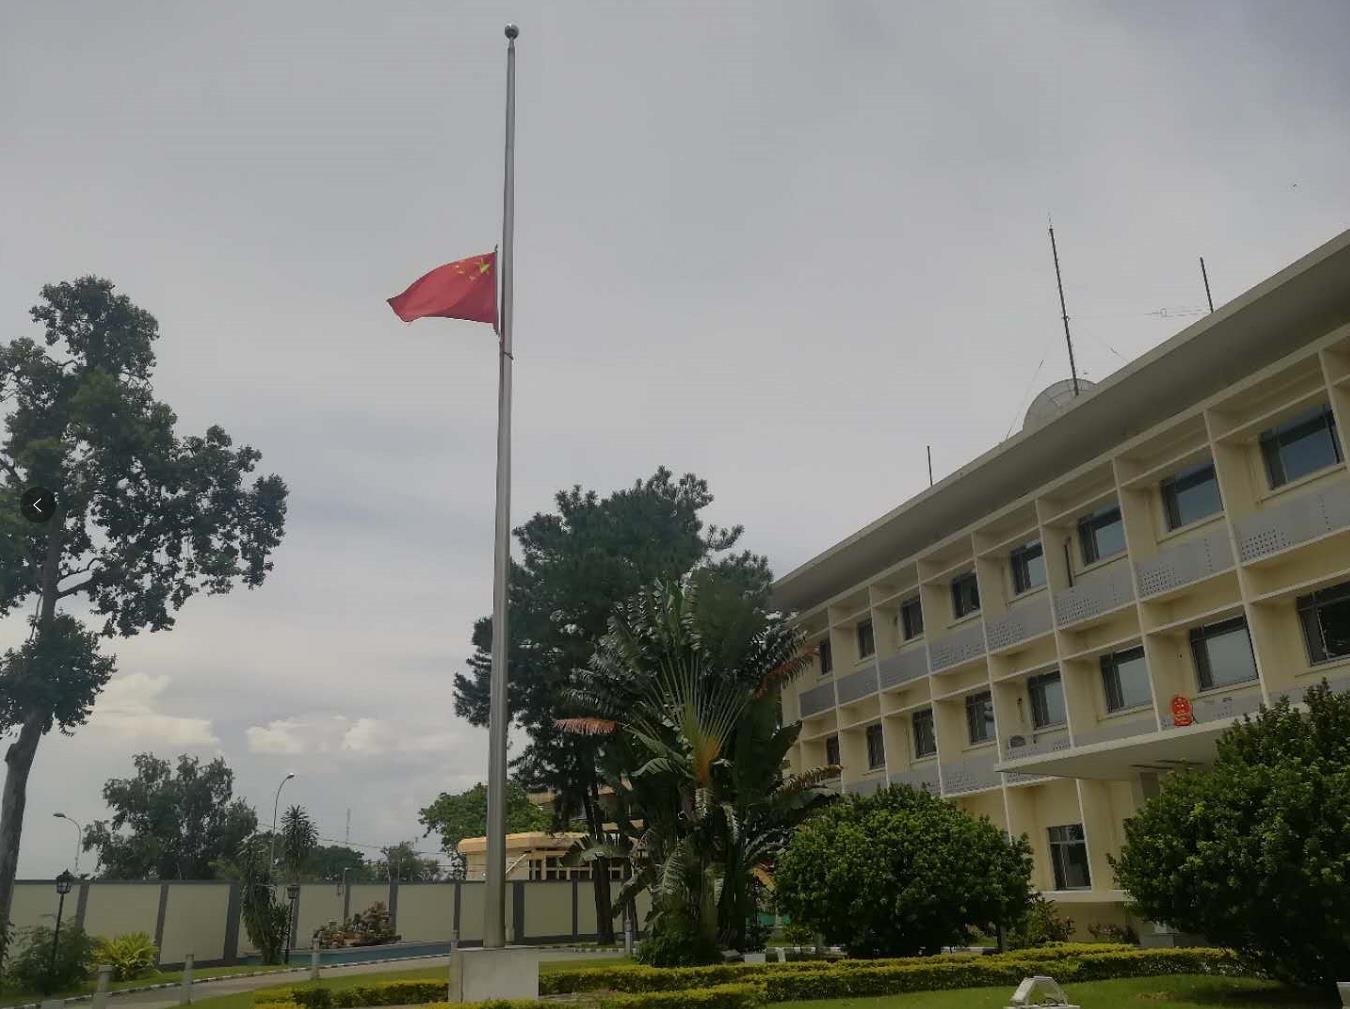 「杏耀代理」布杏耀代理大使馆下半旗志图片